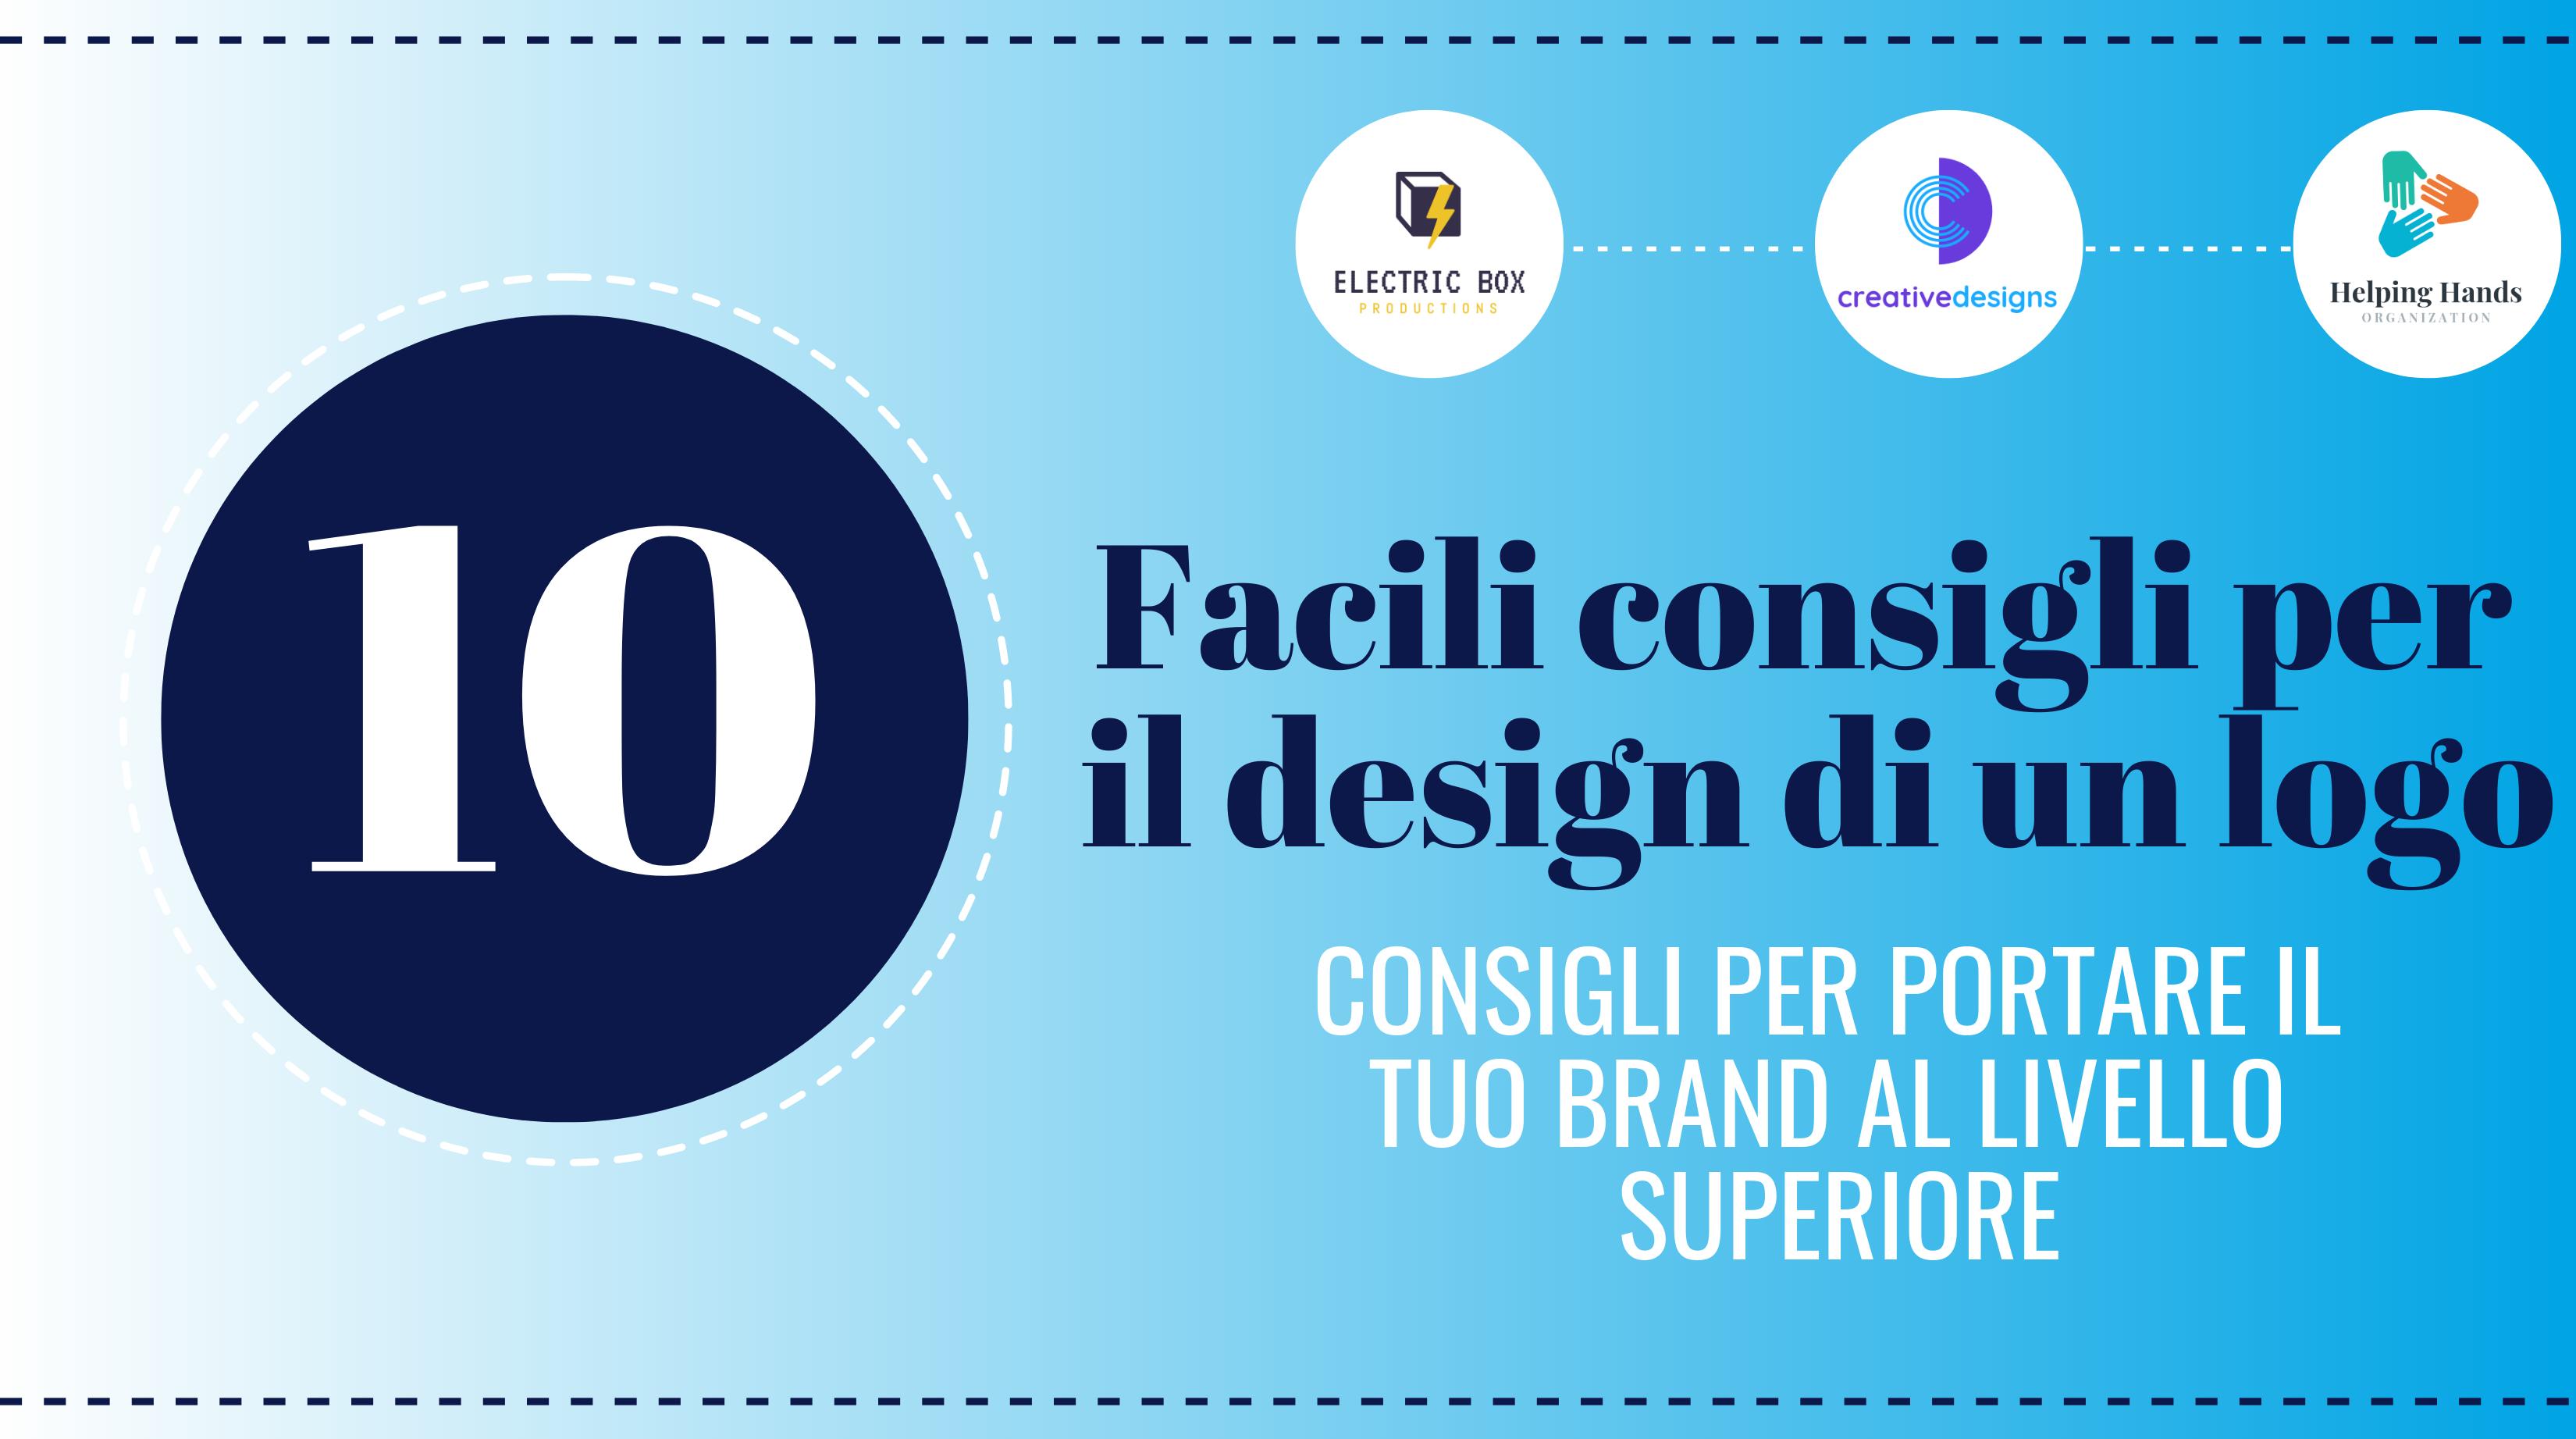 consigli per il design di un logo